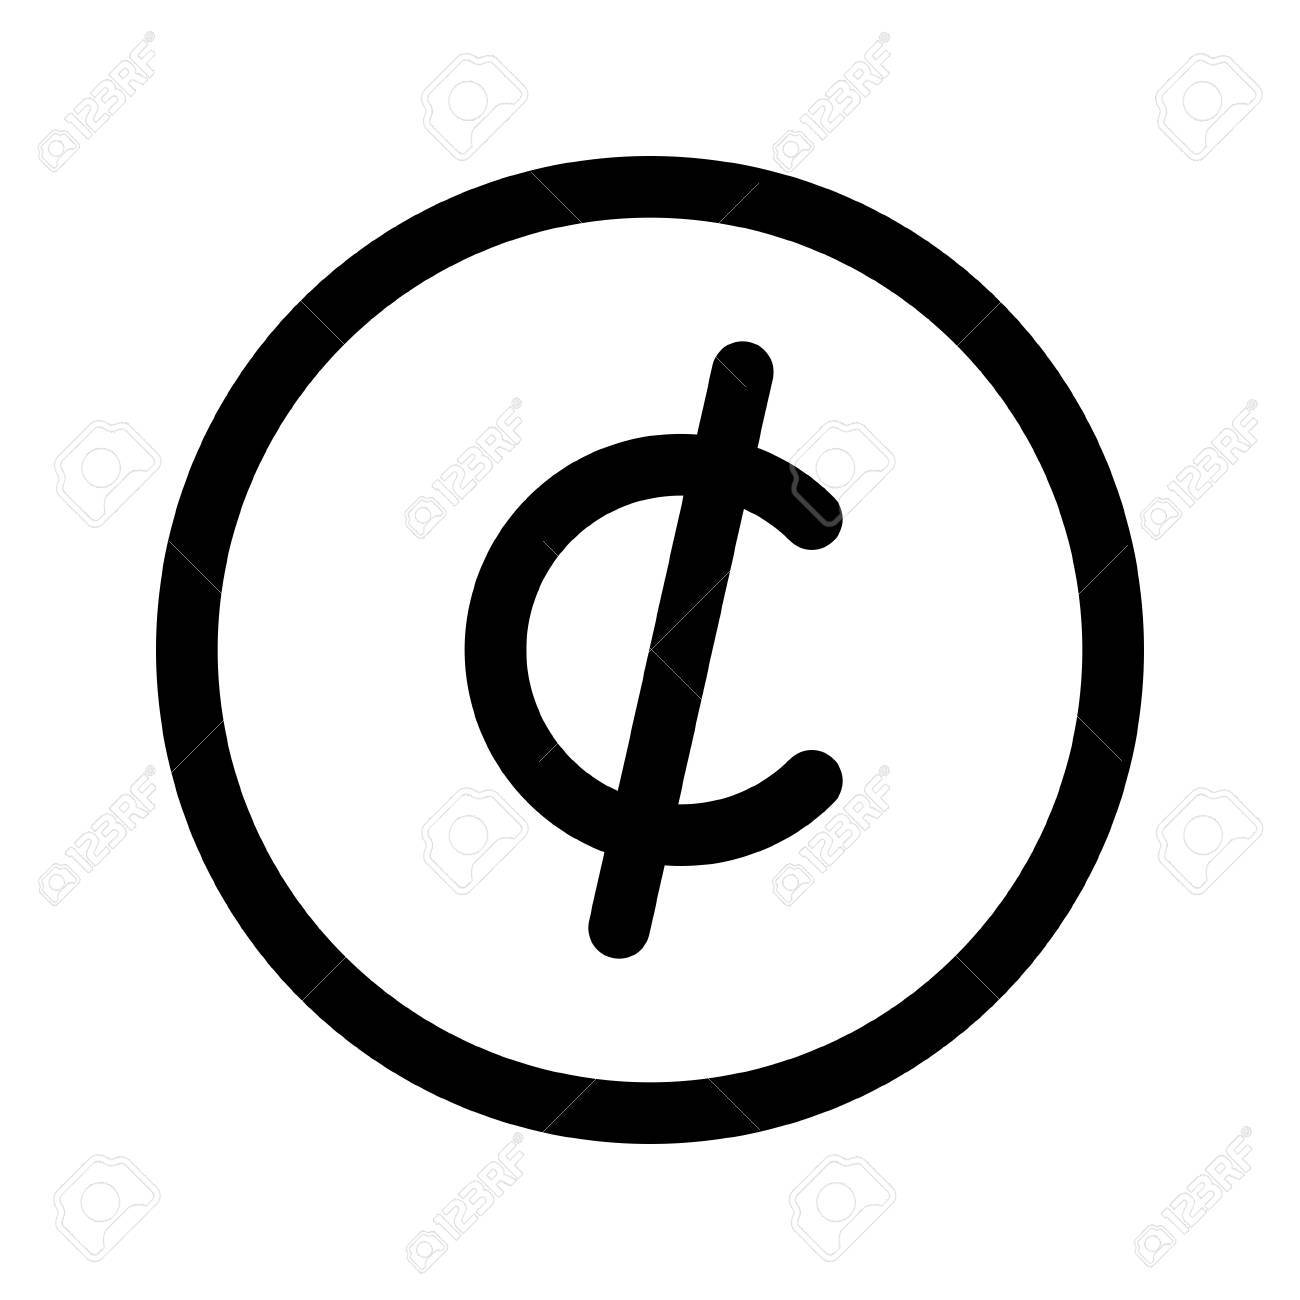 cent symbol.